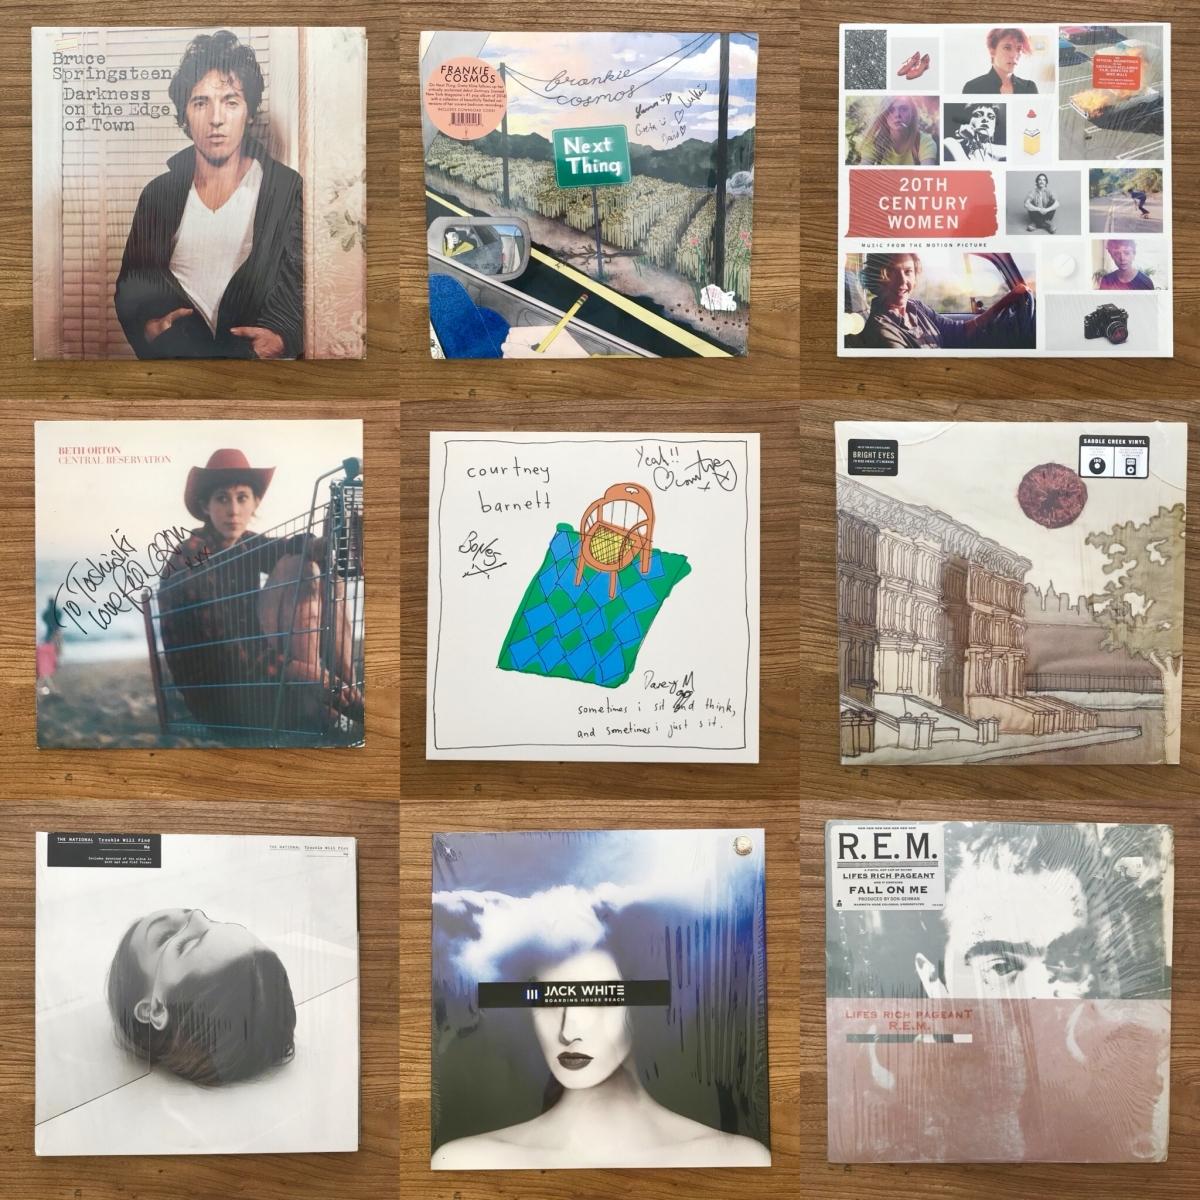 レコードコレクターの苦悩|サイン、シュリンクとシールド